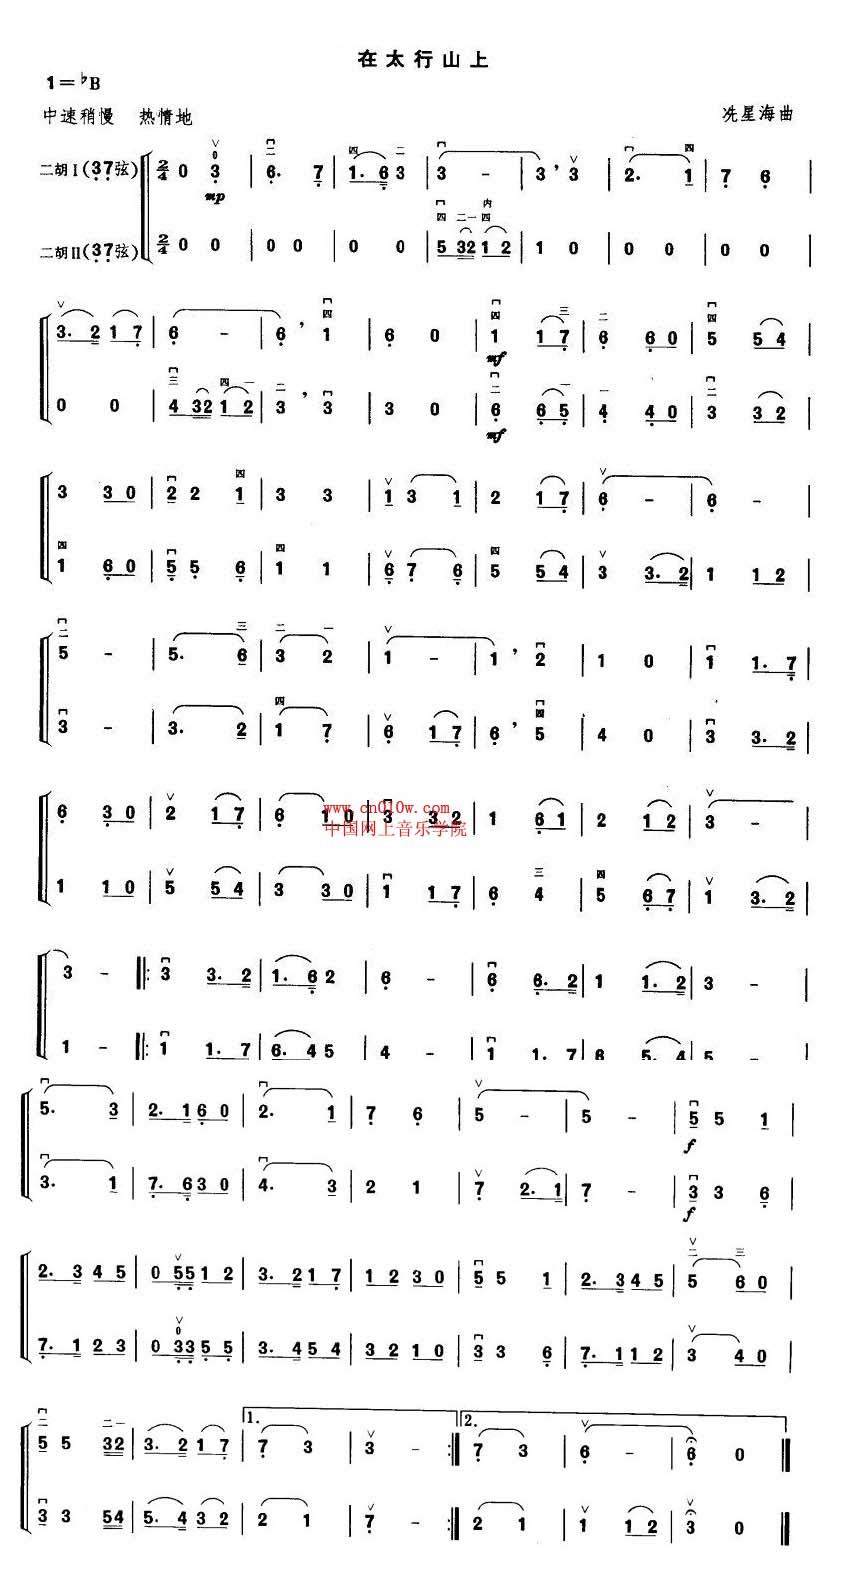 在太行山上二胡曲谱 二胡曲谱在太行山上下载 简谱下载 五线谱下载图片